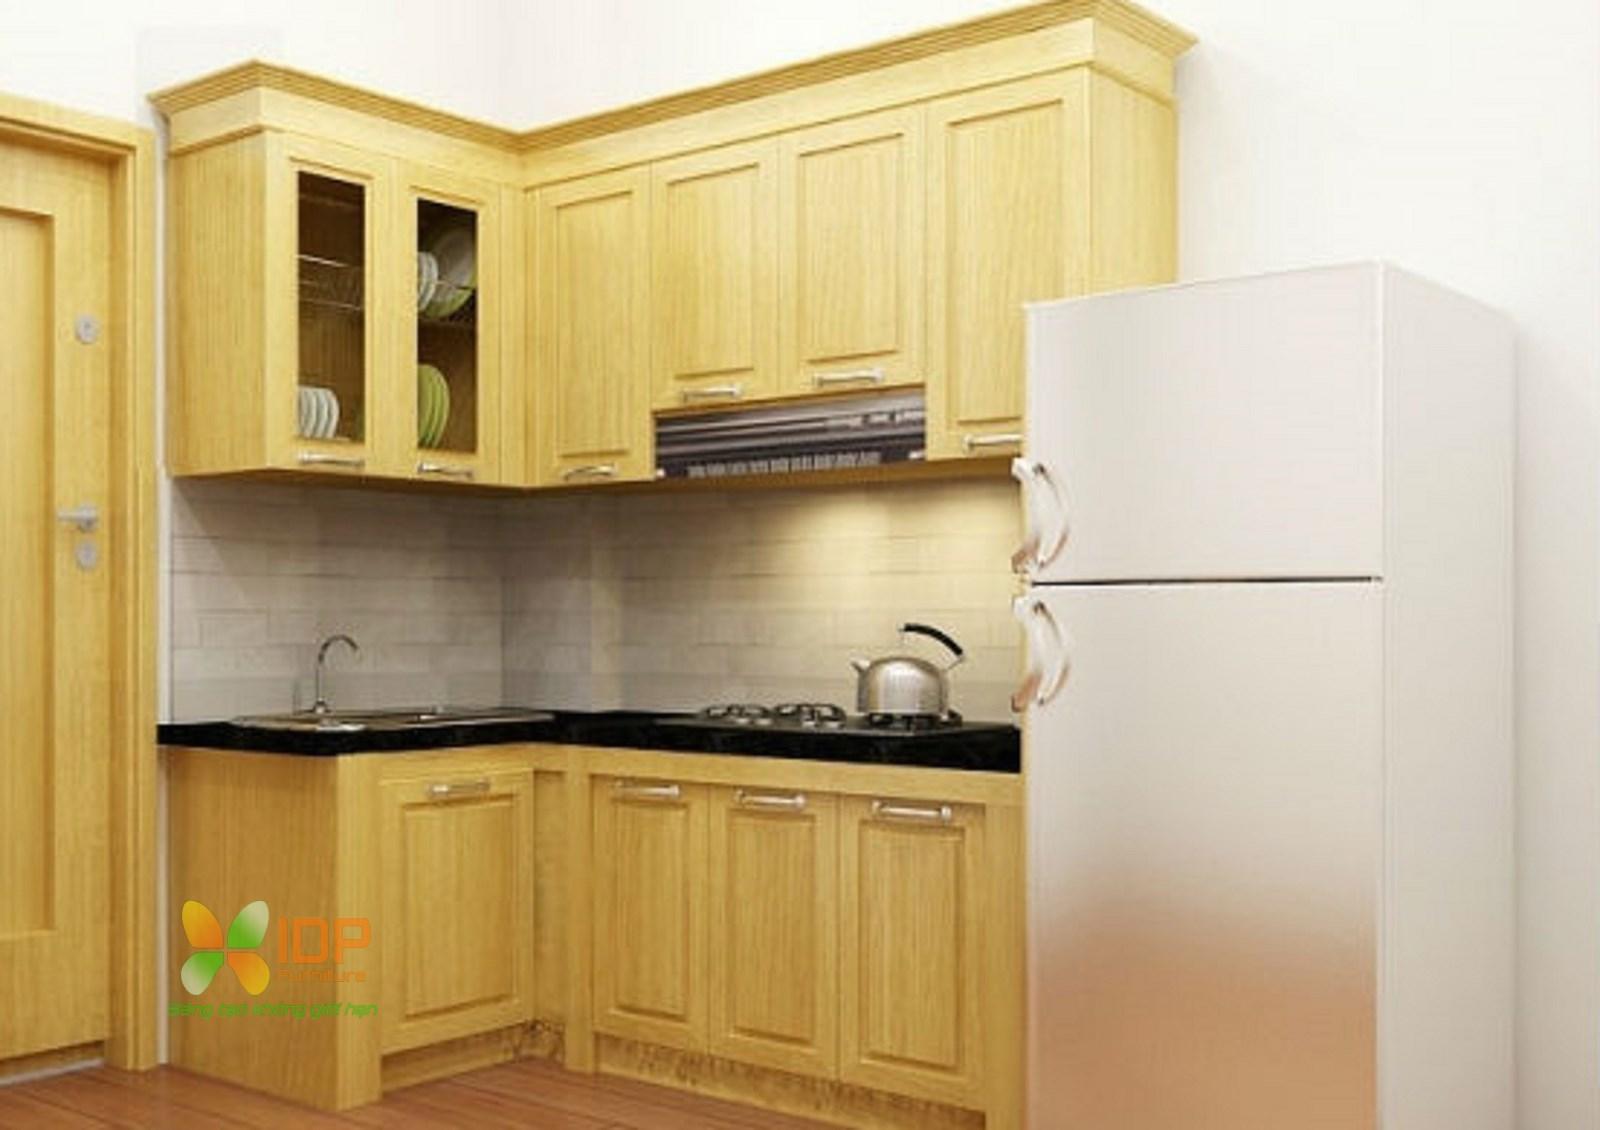 tủ bếp nhỏ đẹp